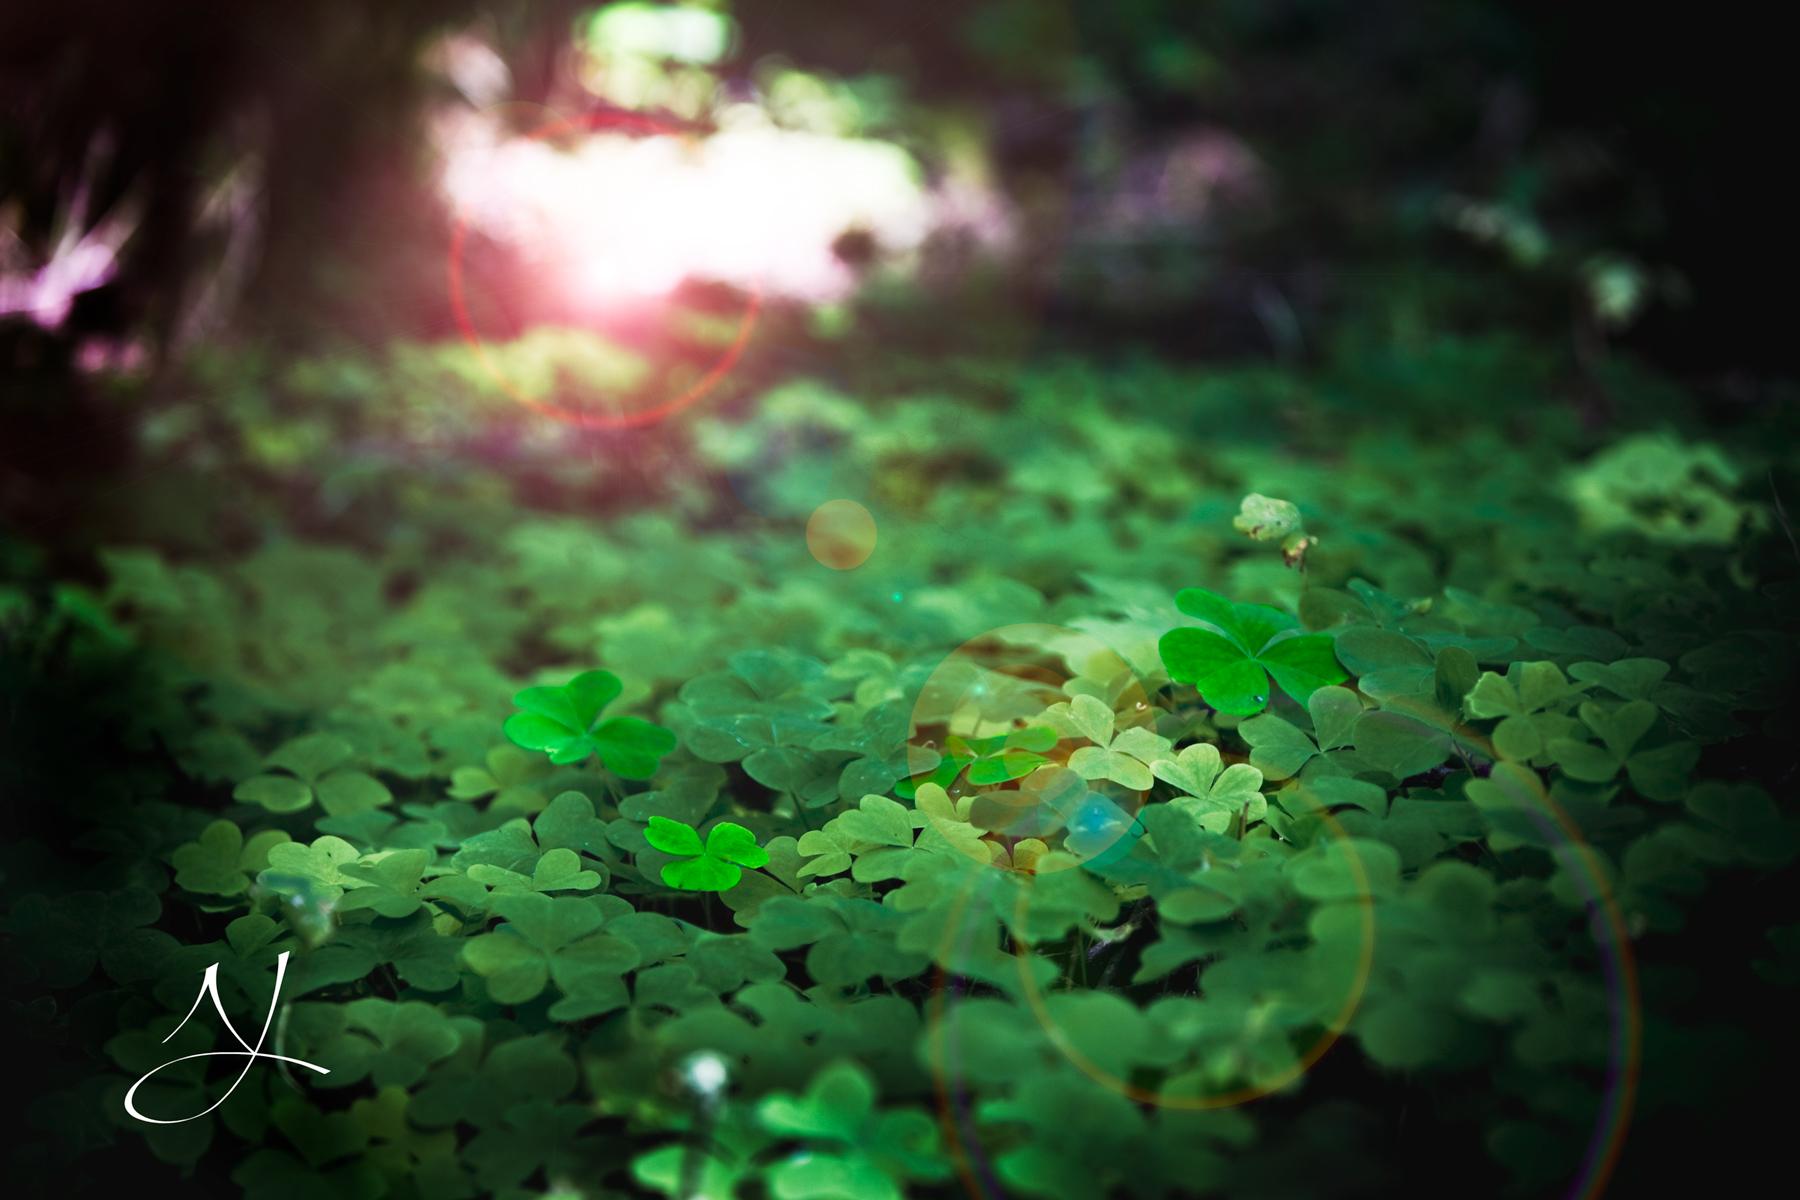 Cỏ xanh tạo thảm phông nền xanh lá tuyệt đẹp